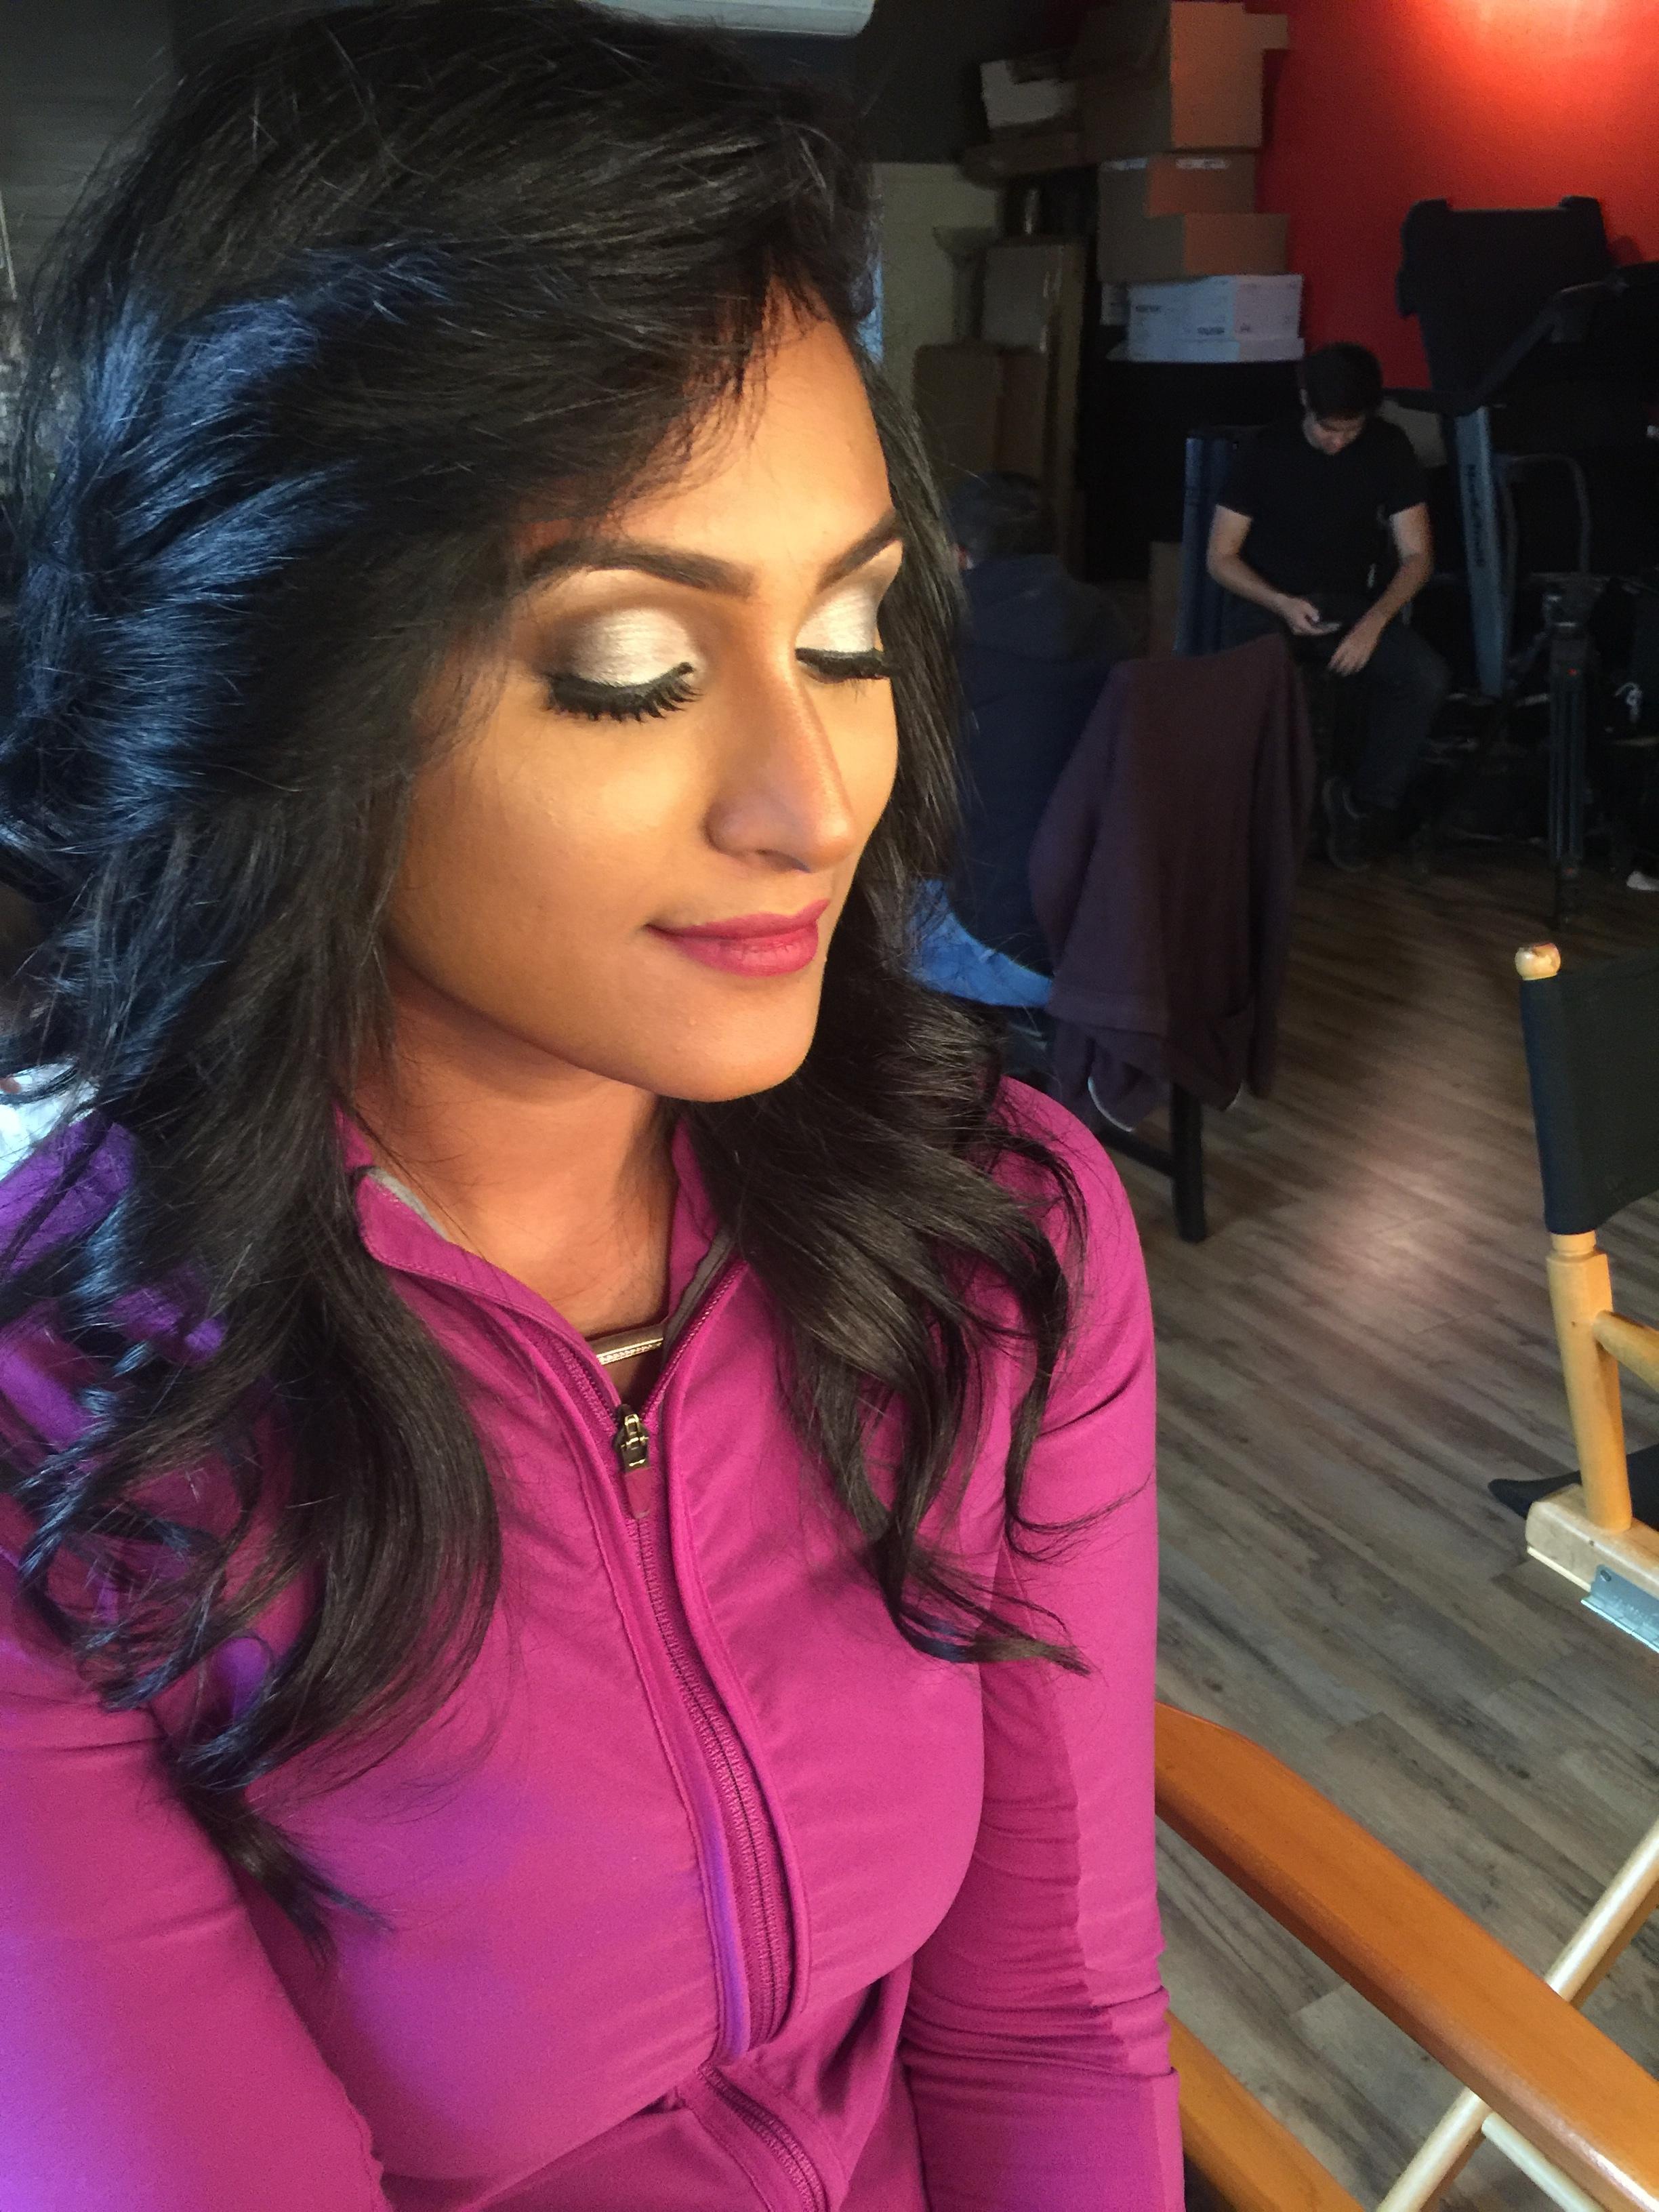 Makeup look by Brandi Mallory